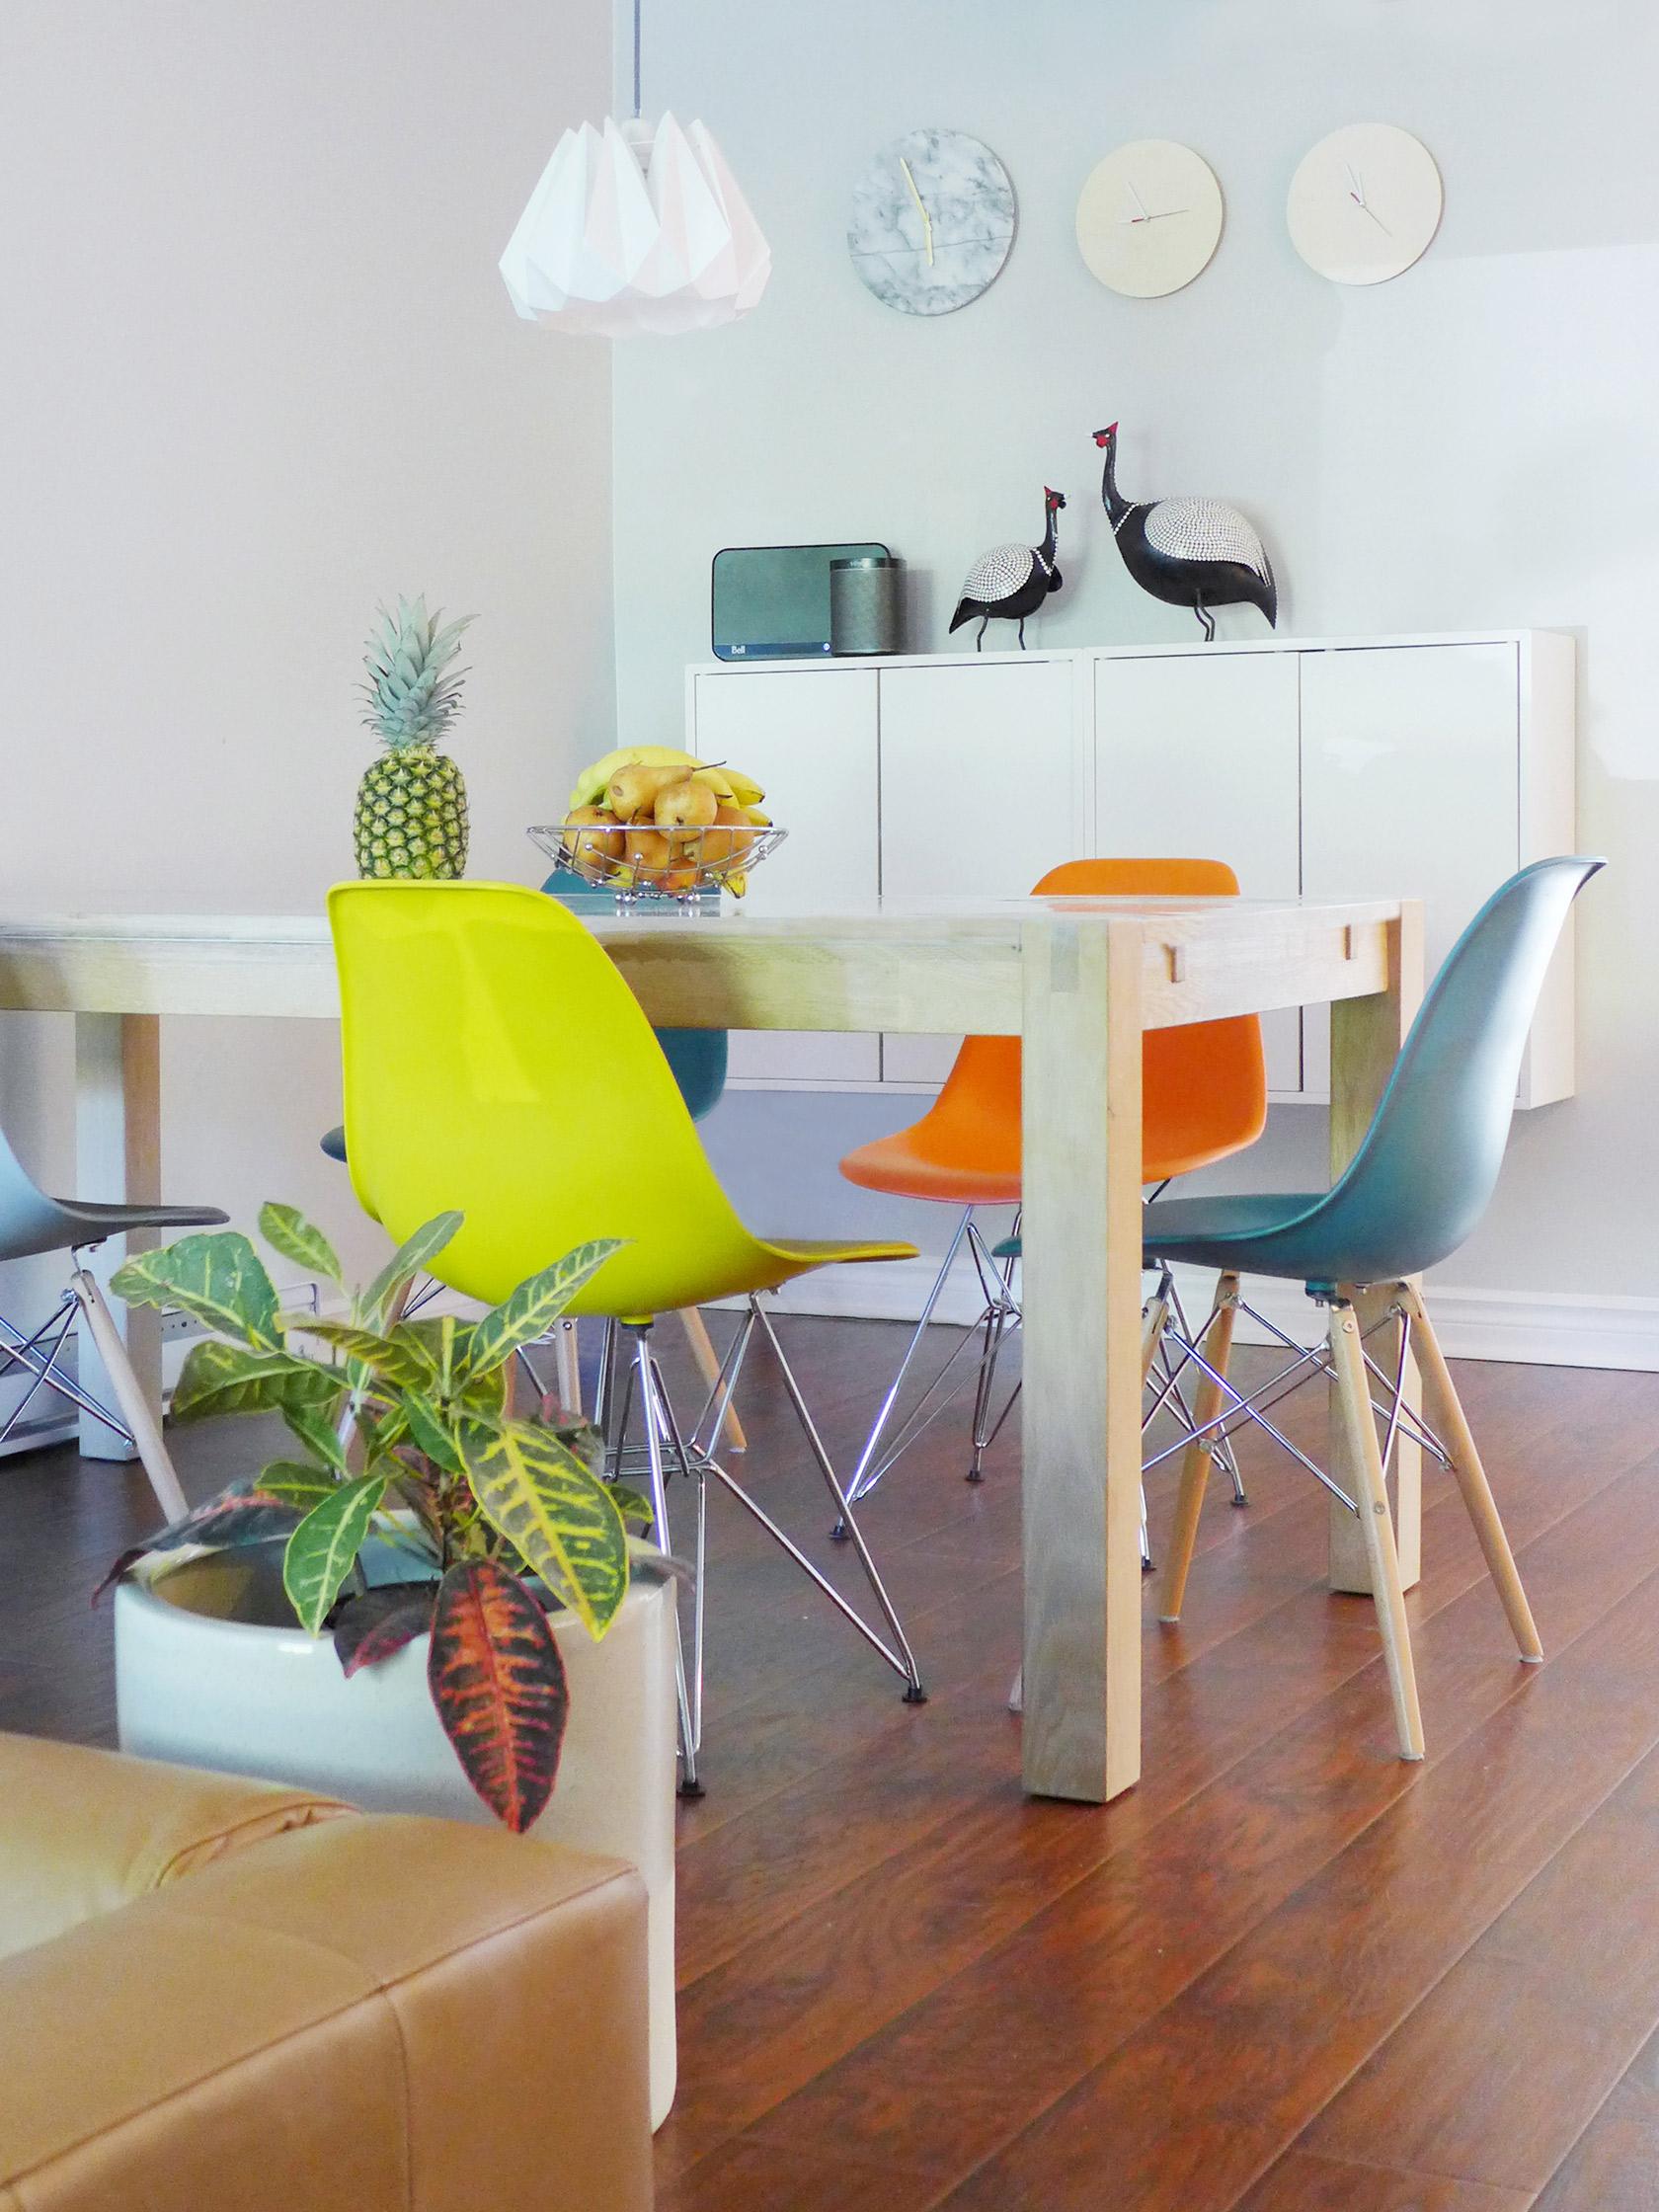 Réalisation du studio d'architecture et de décoration Skéa Designer. Velouté. La salle à manger, sa table en bois, ses chaises multicolores et ses plantes.